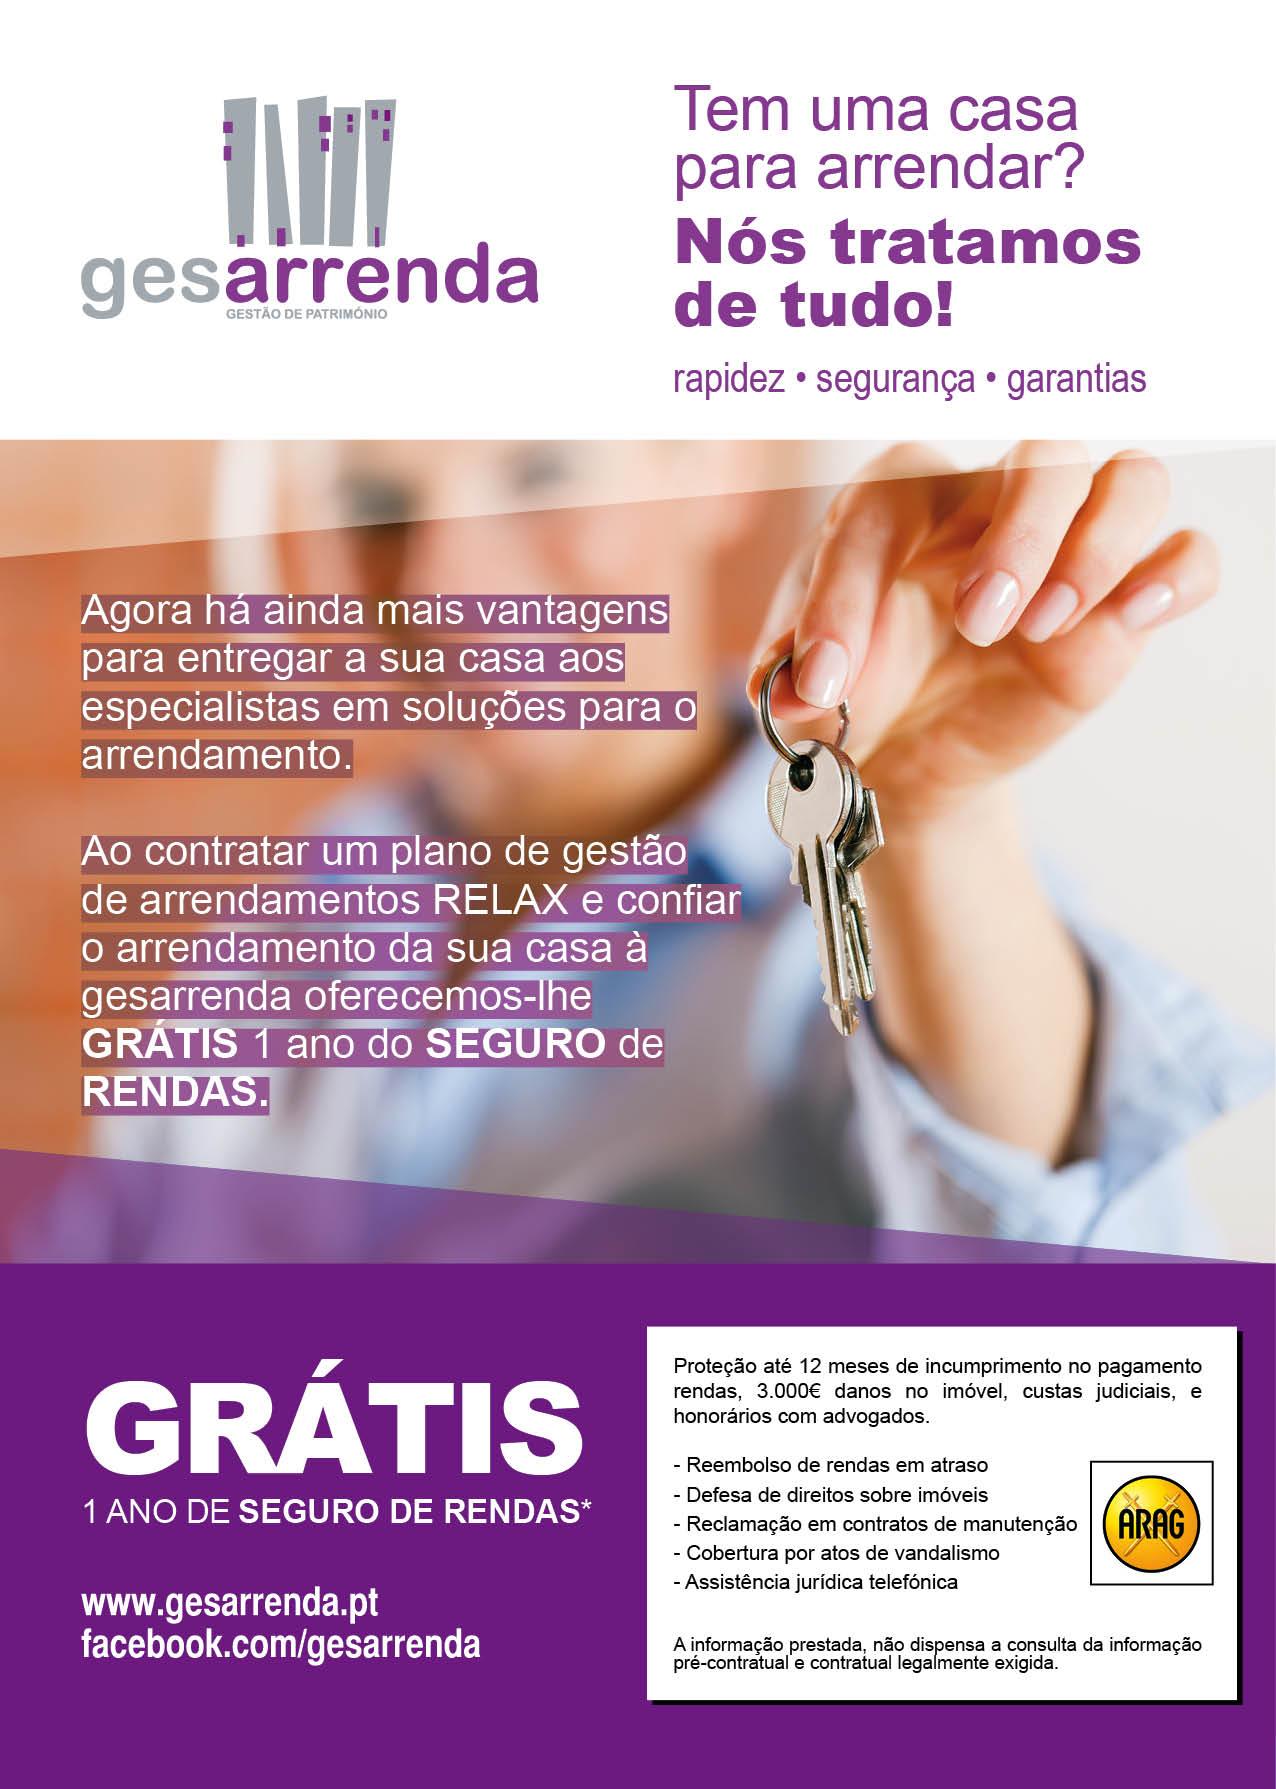 GESARRENDA oferece 1 ano seguro de rendas